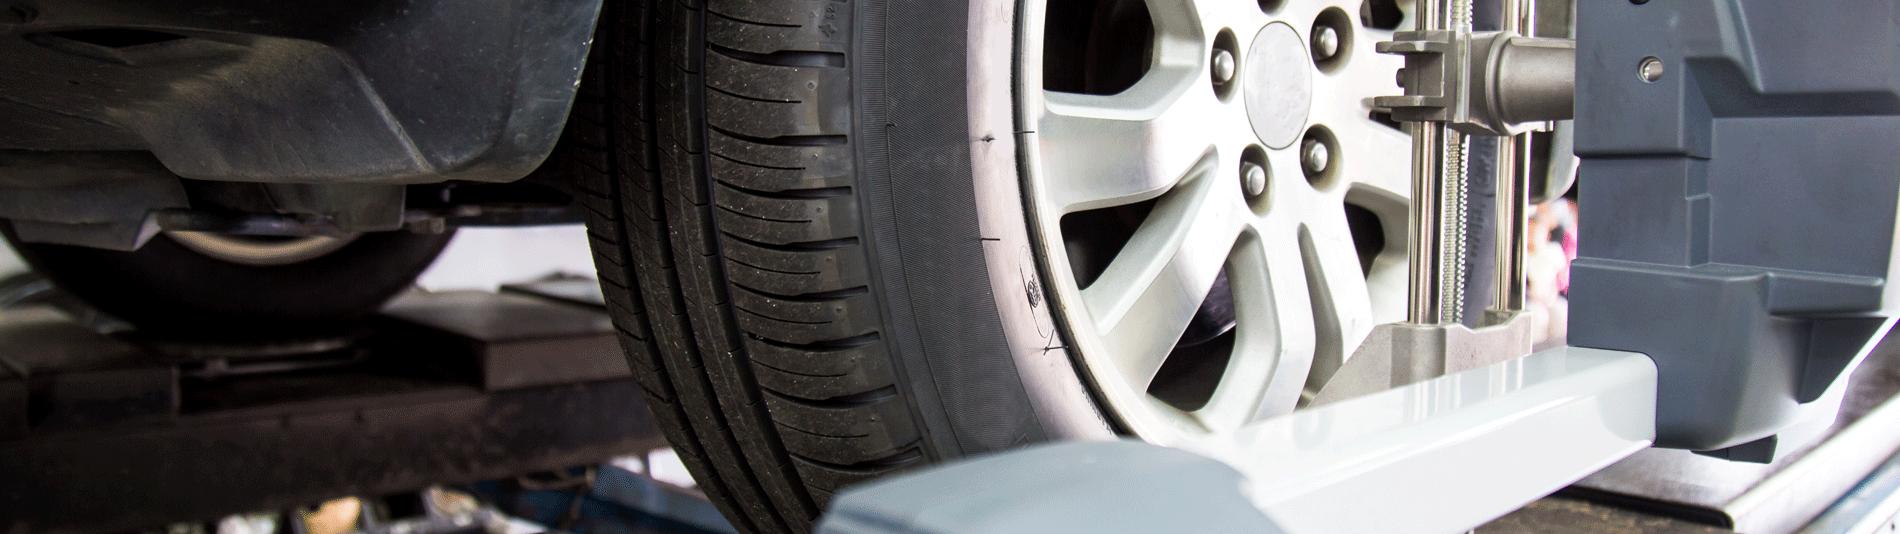 Gosine's Auto Repair - expert auto repair - Newport News, VA